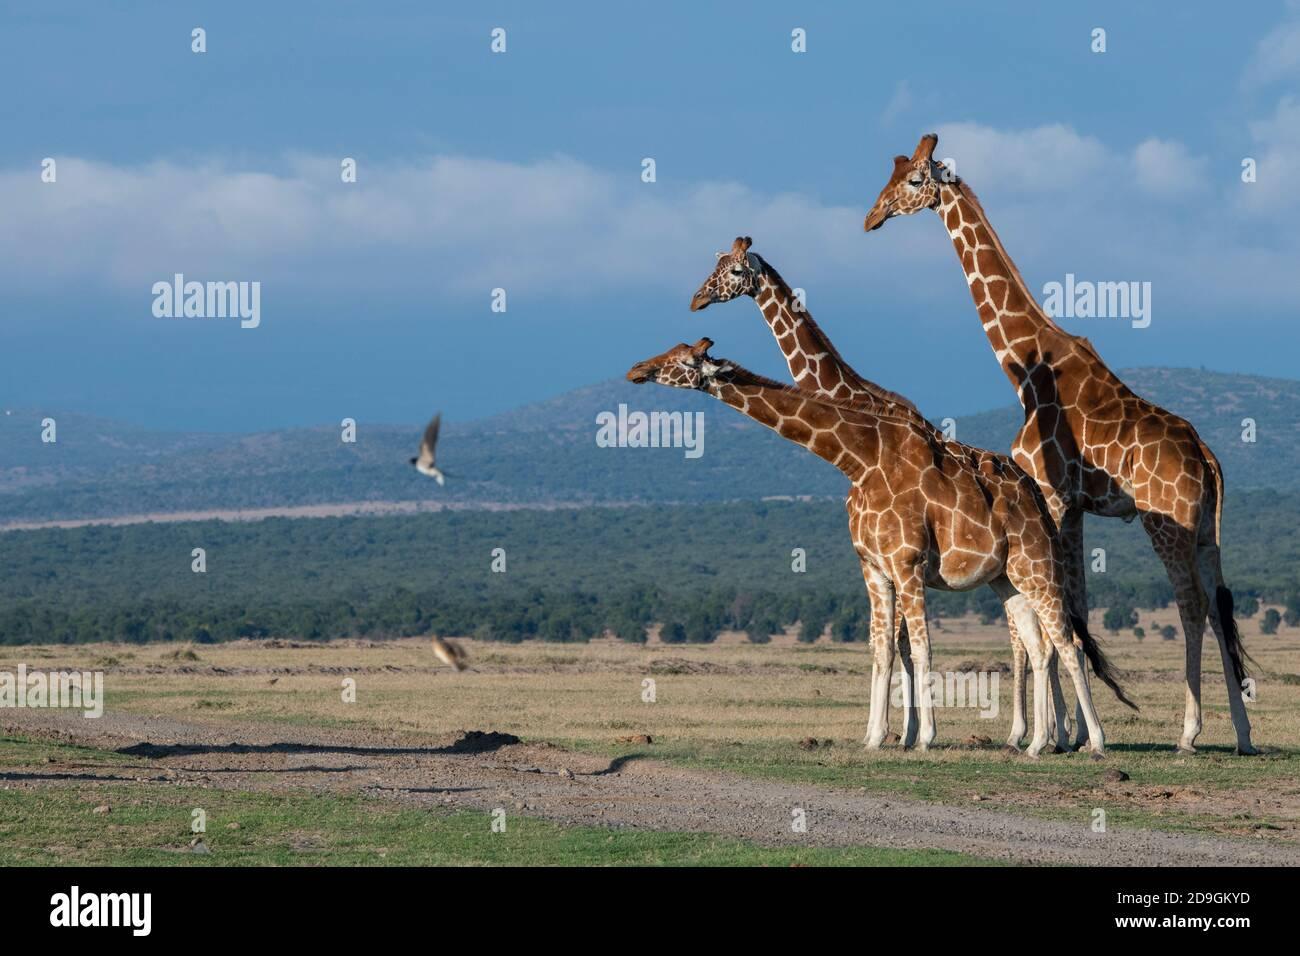 Afrique, Kenya, plateau de Laikipia, District de la frontière du Nord, OL Pejeta Conservancy. Girafes réticulés (SAUVAGES : Giraffa camelopardalis reticulata) Banque D'Images